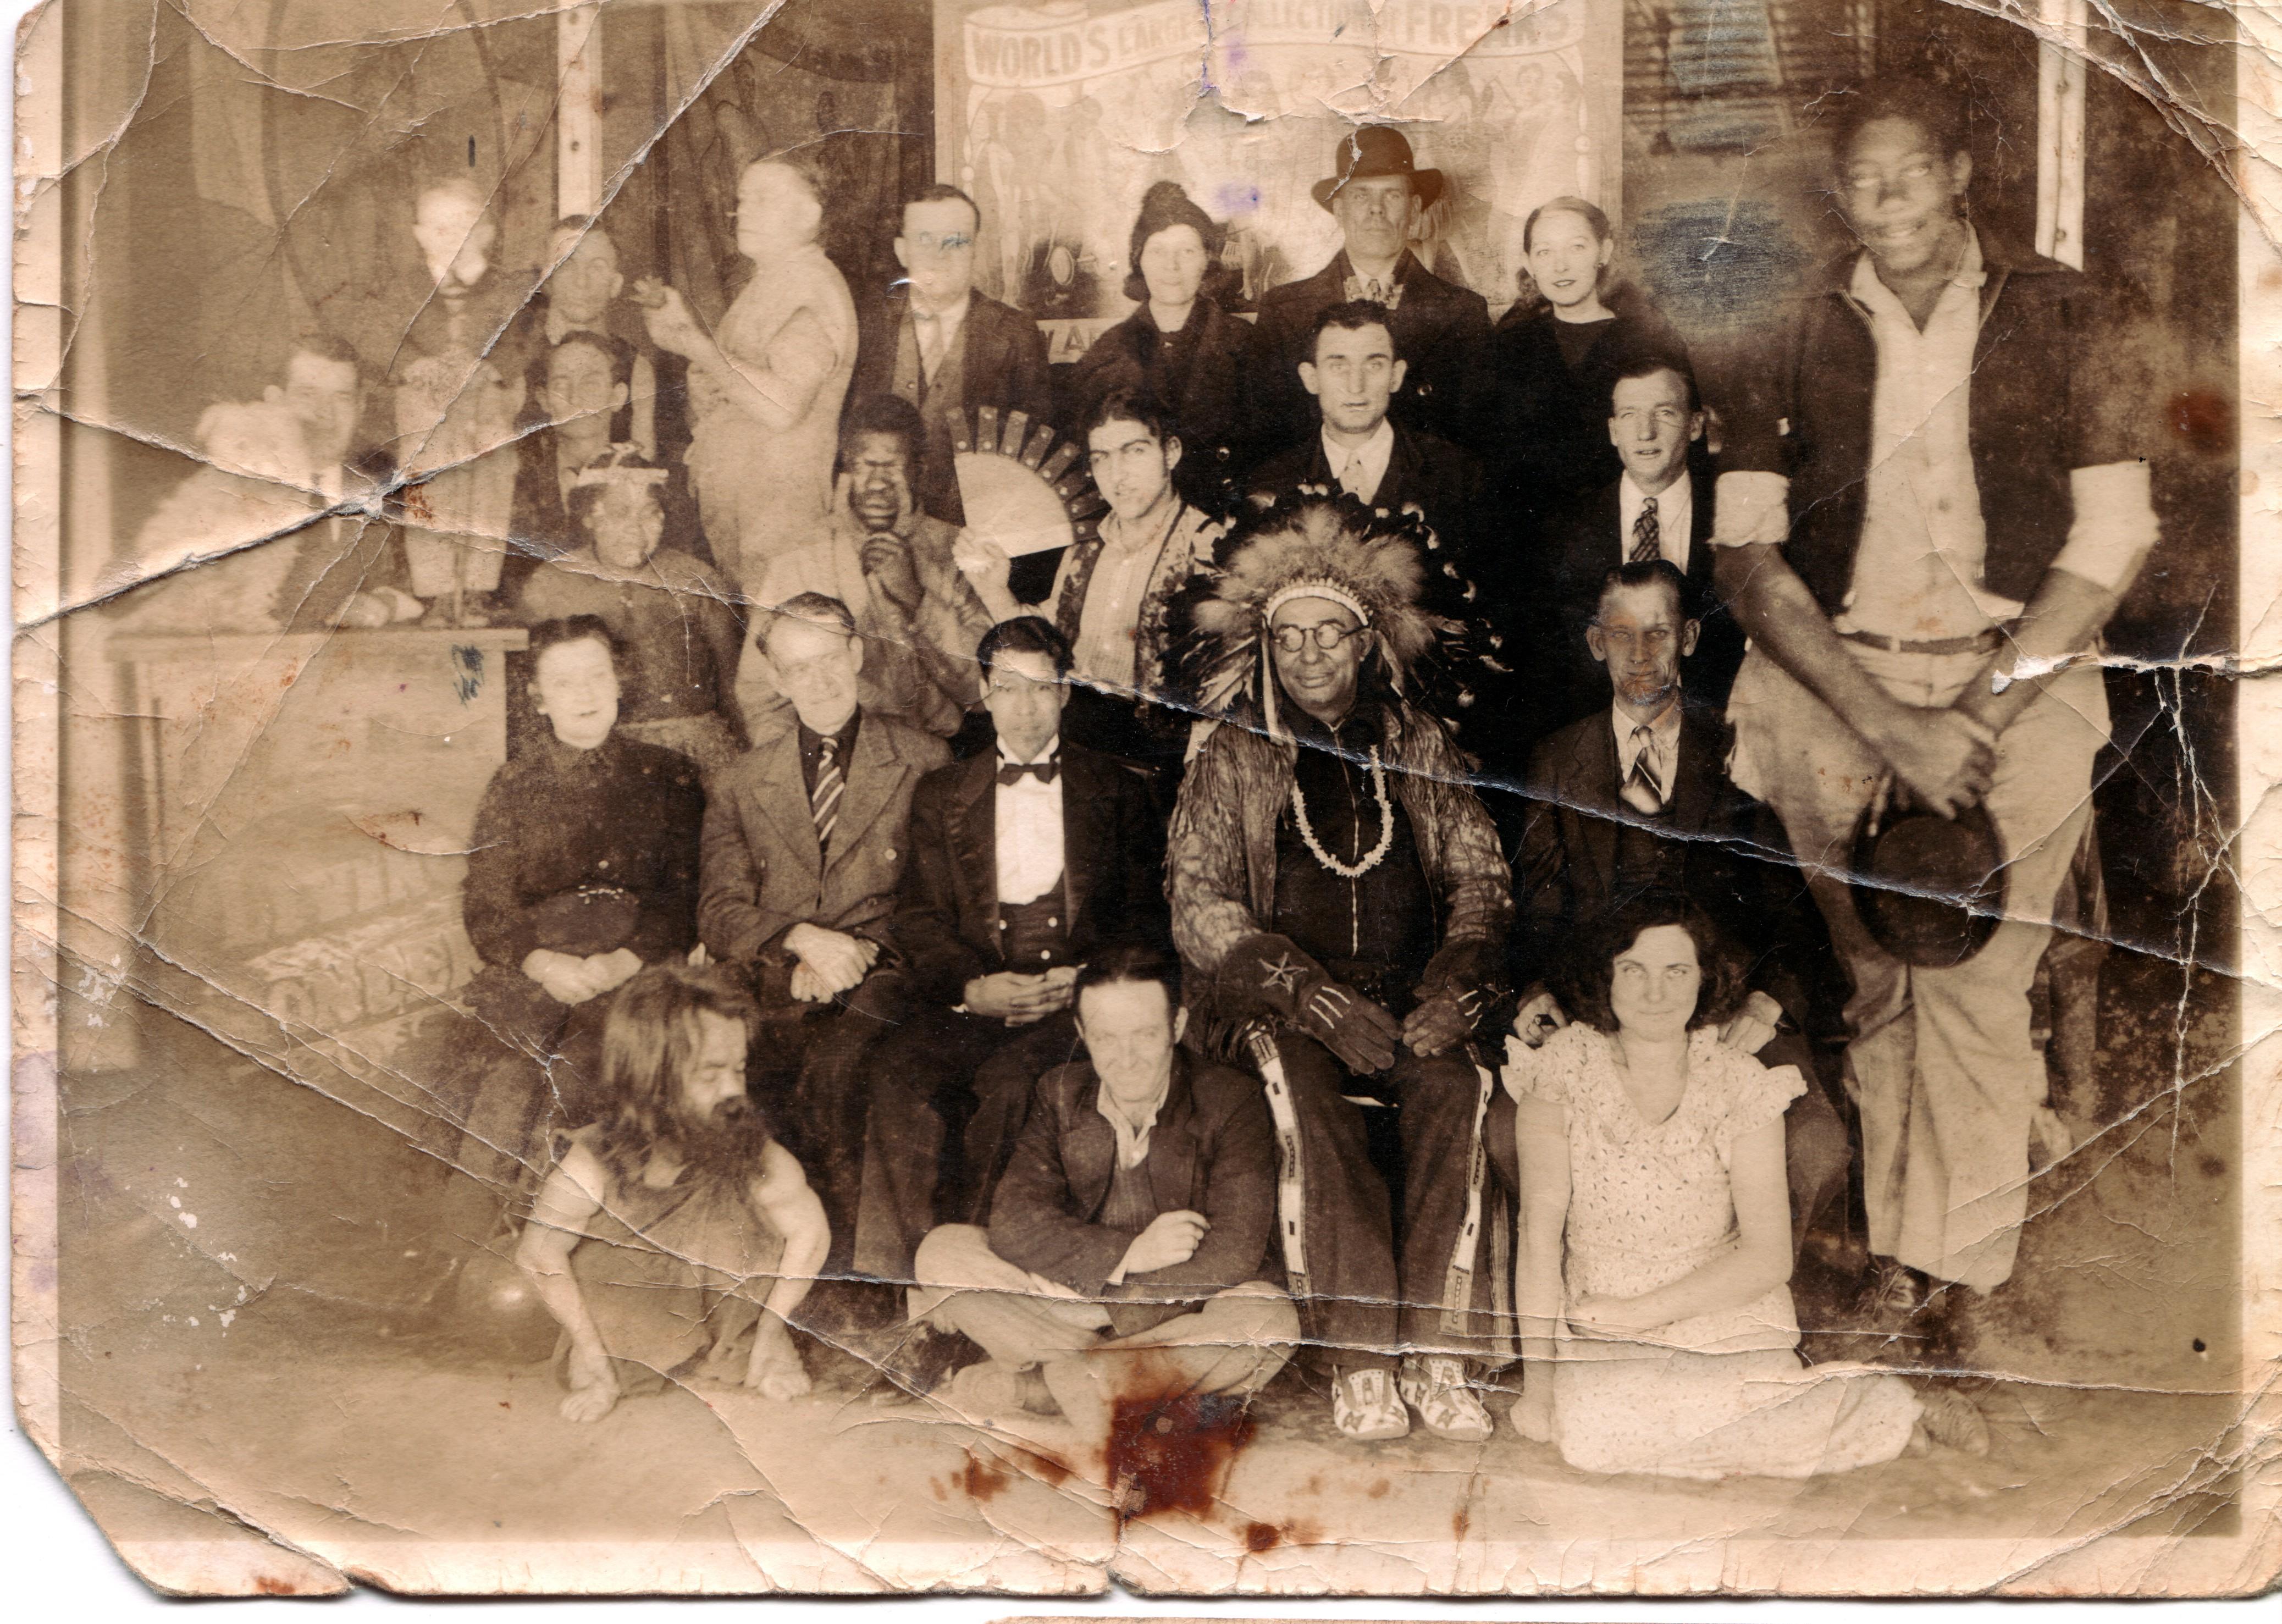 Resultado de imagen para minorities in circus 1800